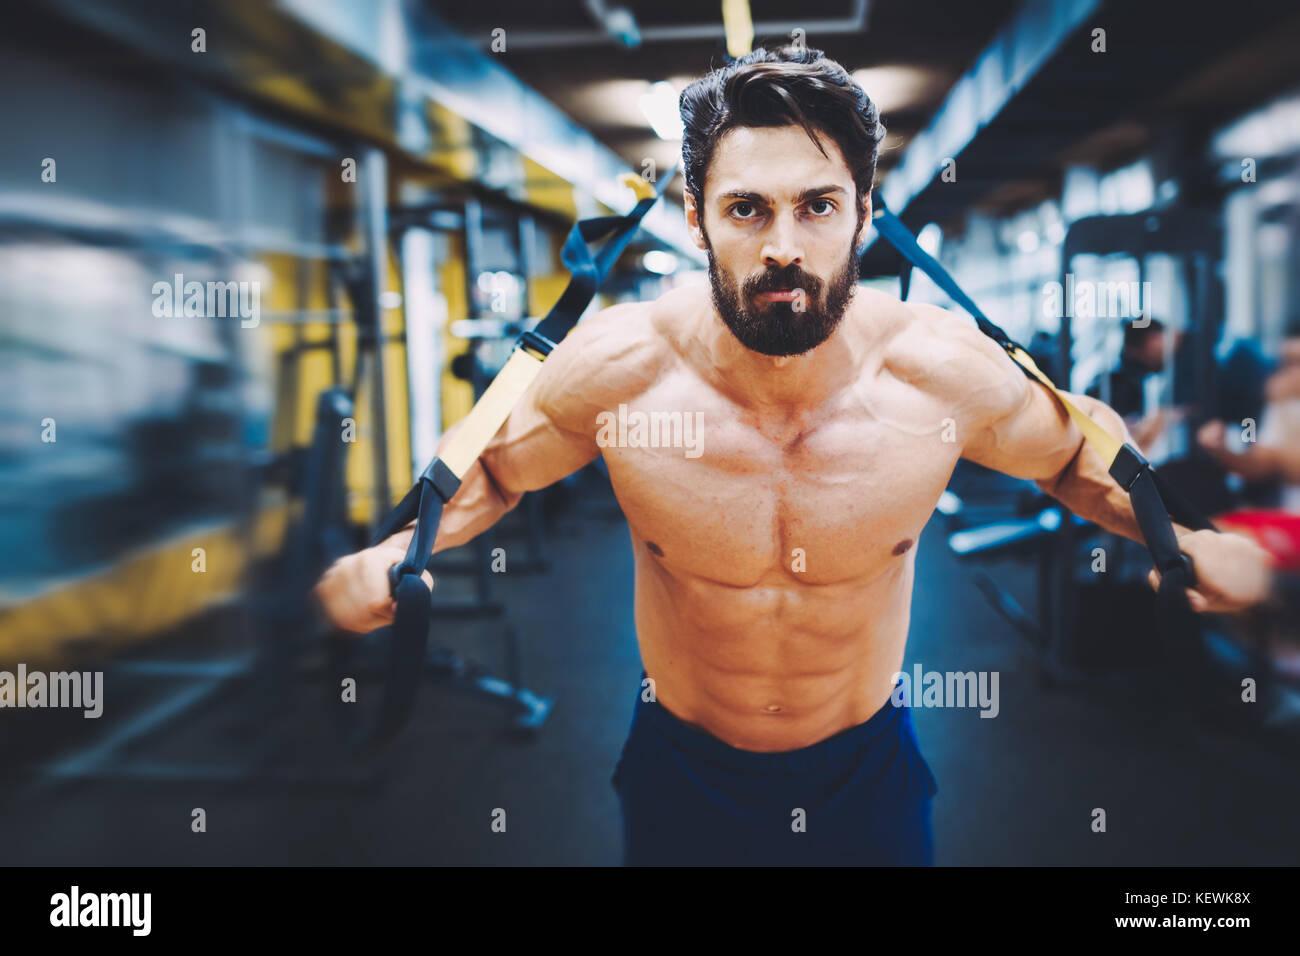 Joven apuesto hombre haciendo ejercicios en el gimnasio Imagen De Stock